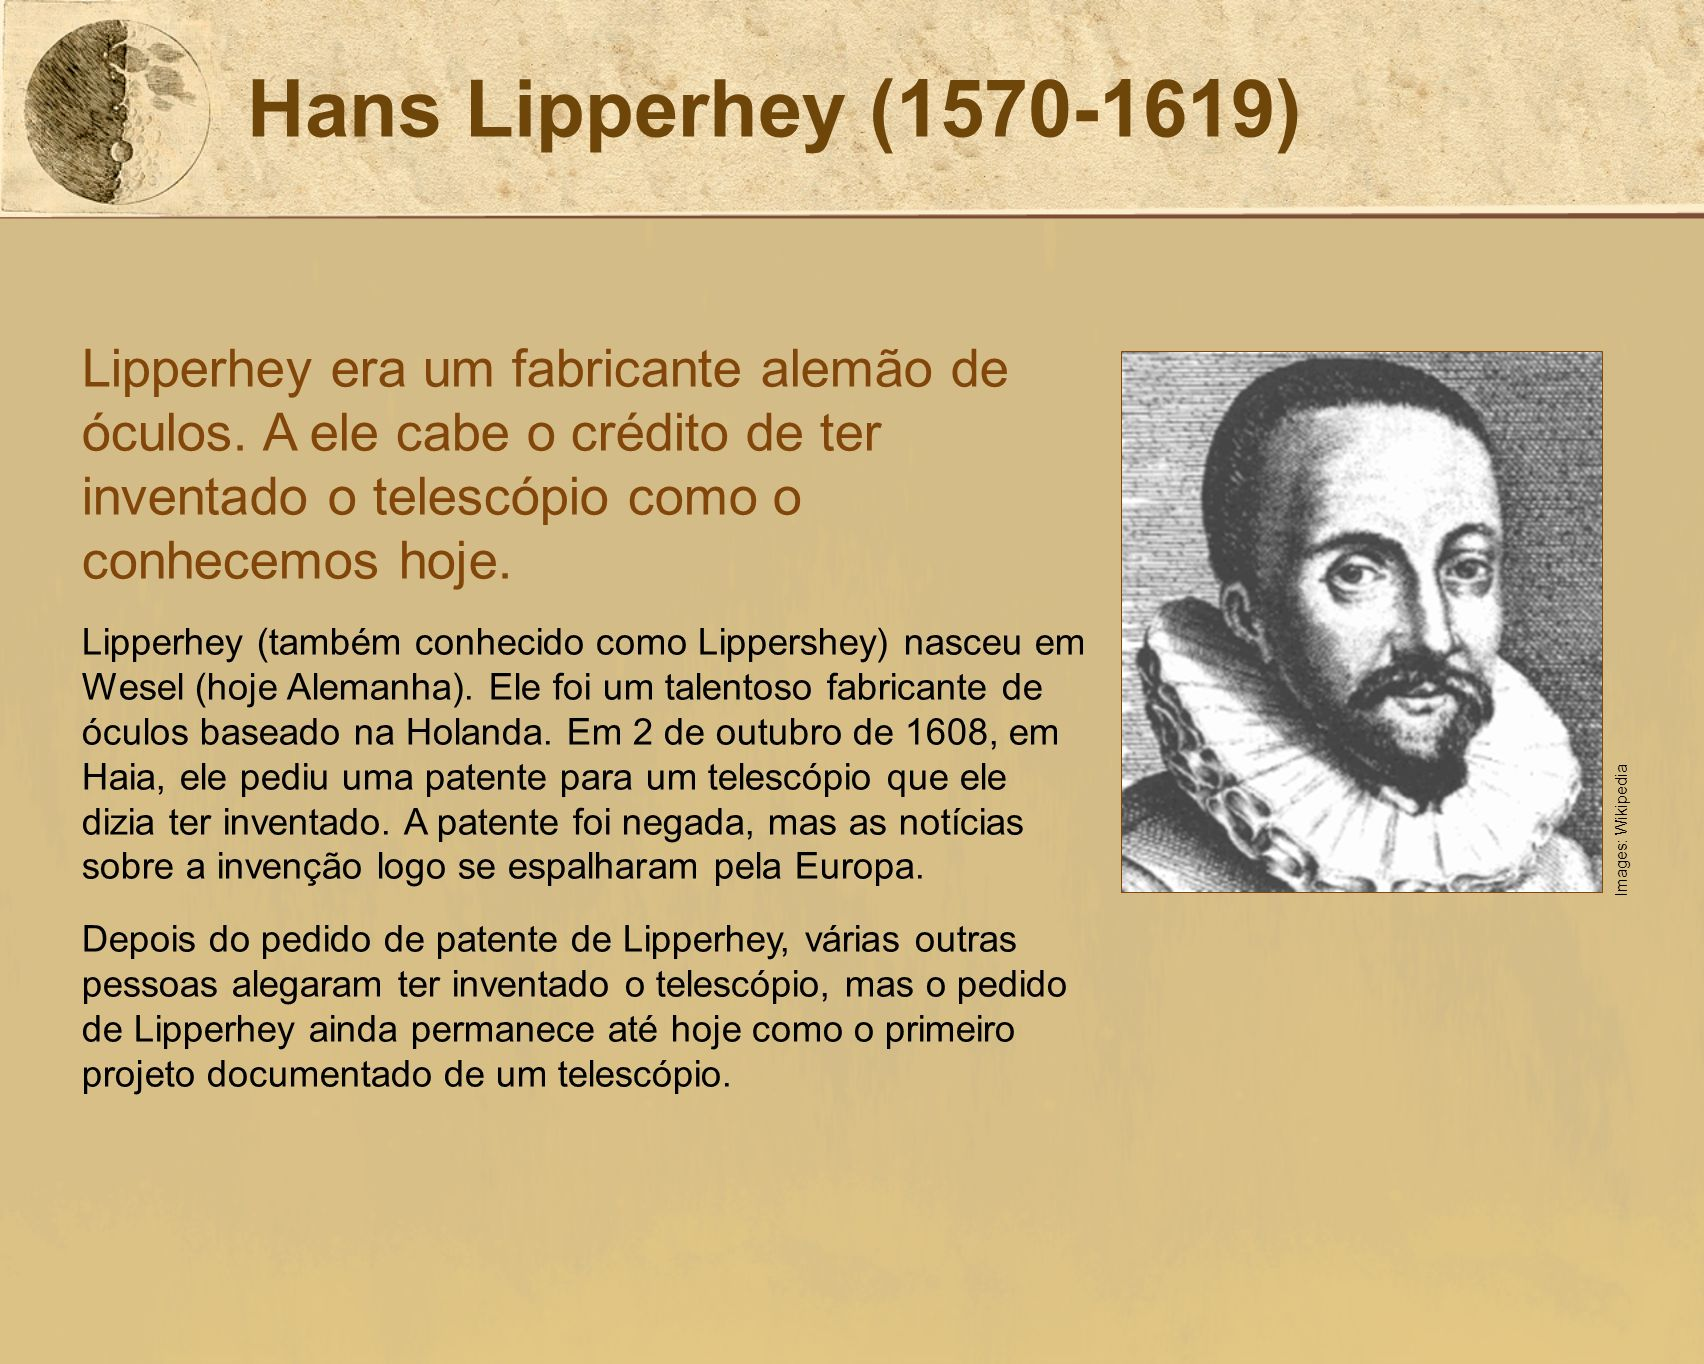 Hans Lipperhey (1570-1619) Lipperhey era um fabricante alemão de óculos. A ele cabe o crédito de ter inventado o telescópio como o conhecemos hoje.